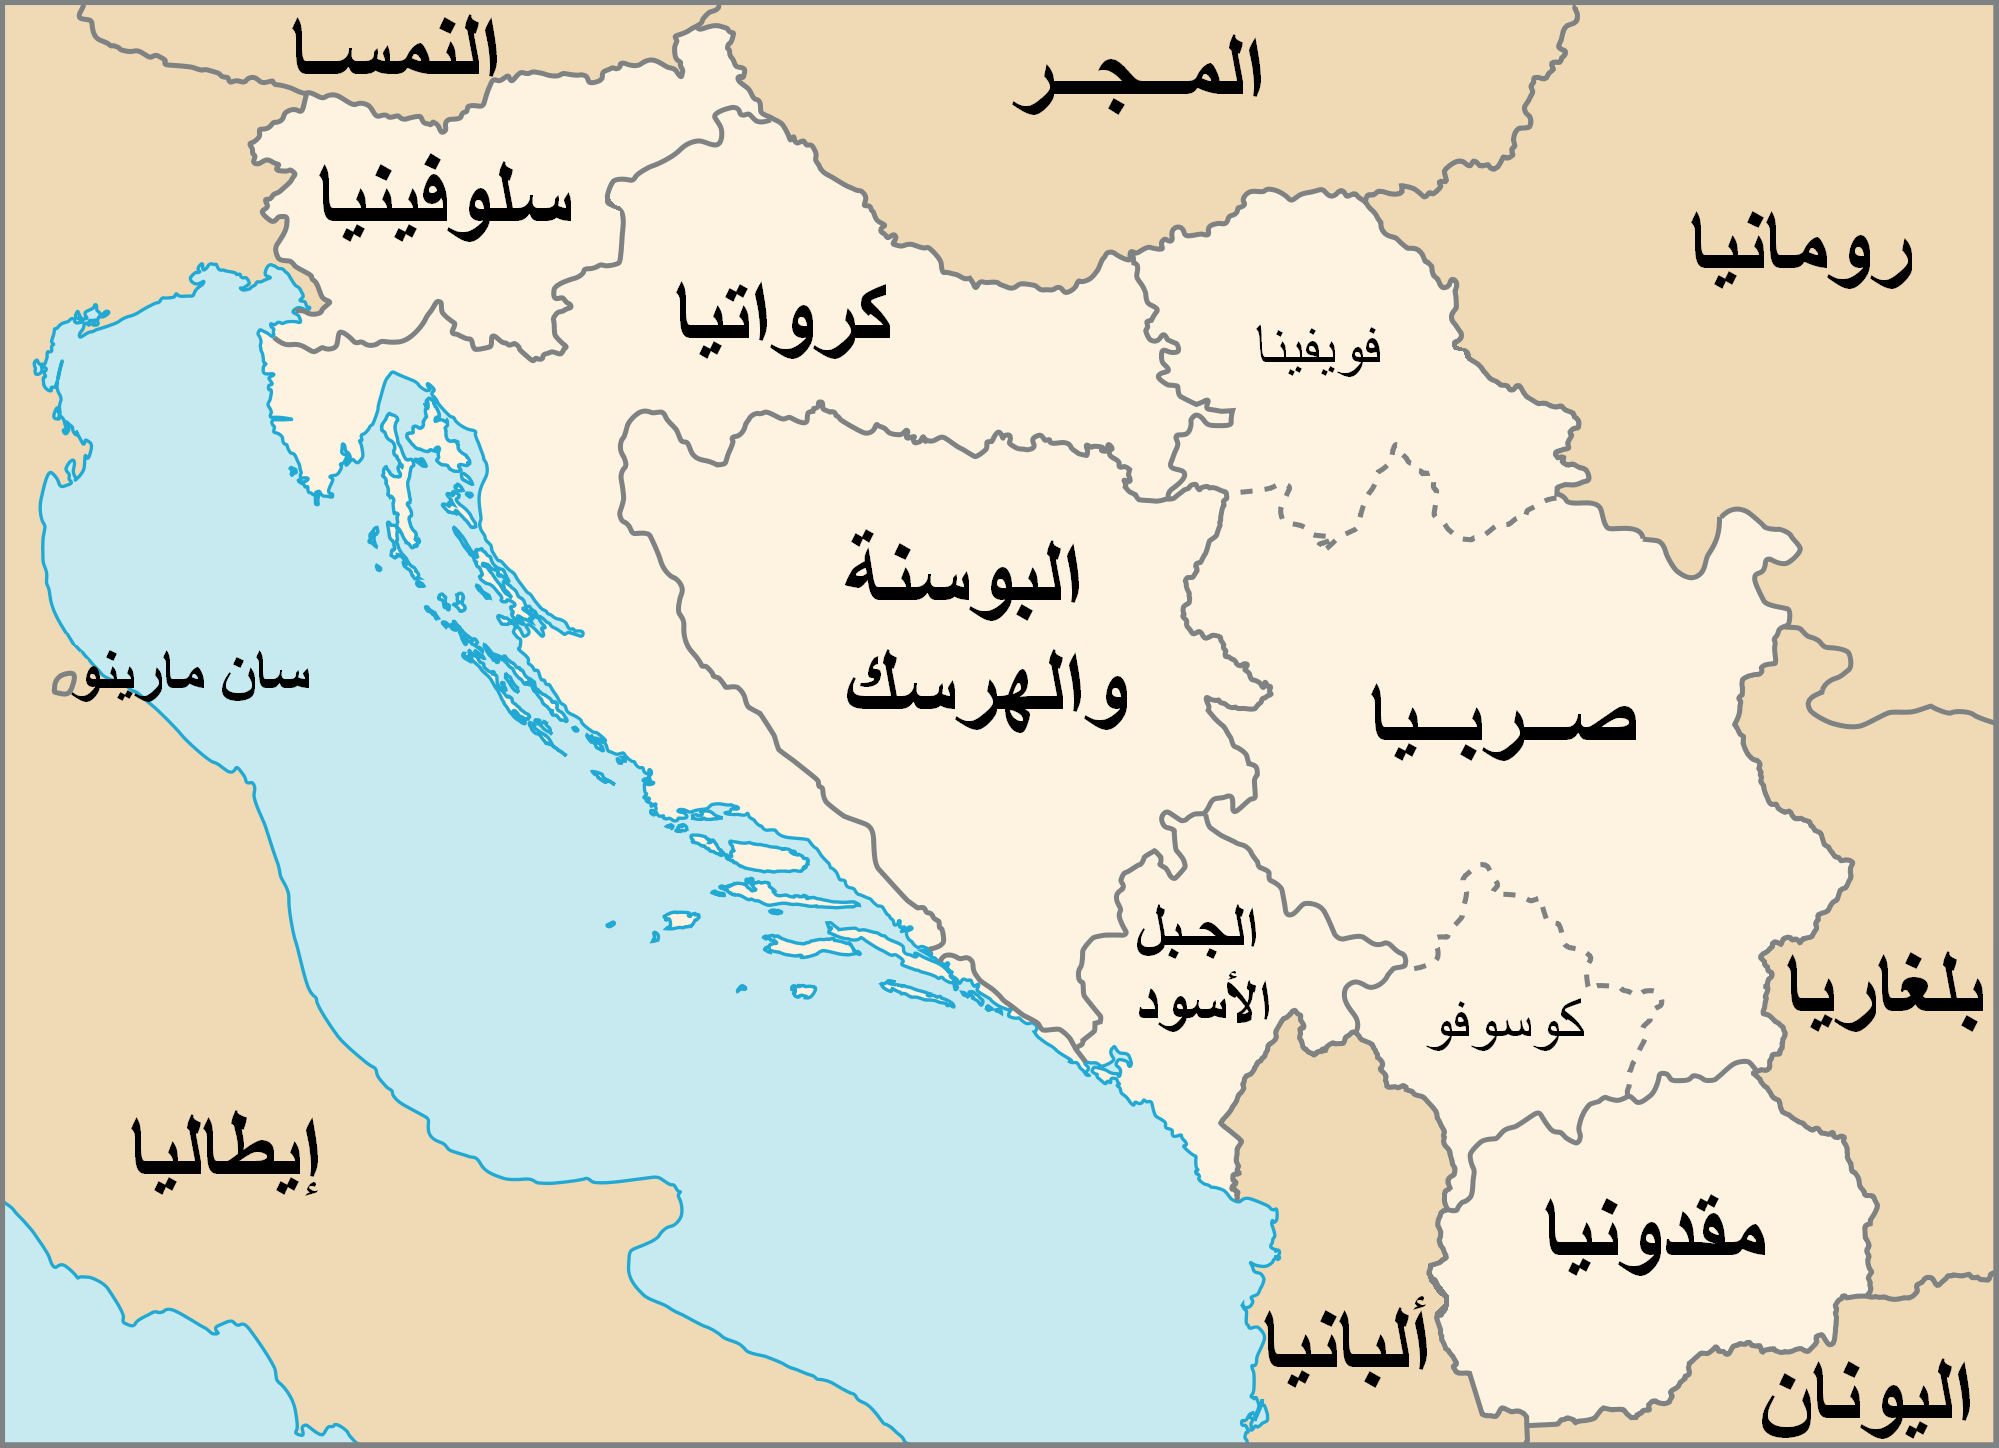 صربيا قد تطلب قرضا لشراء منظومات S-400 للدفاع الجوي من روسيا  %D8%AE%D8%B1%D9%8A%D8%B7%D8%A9-%D9%8A%D9%88%D8%BA%D8%B3%D9%84%D8%A7%D9%81%D9%8A%D8%A7